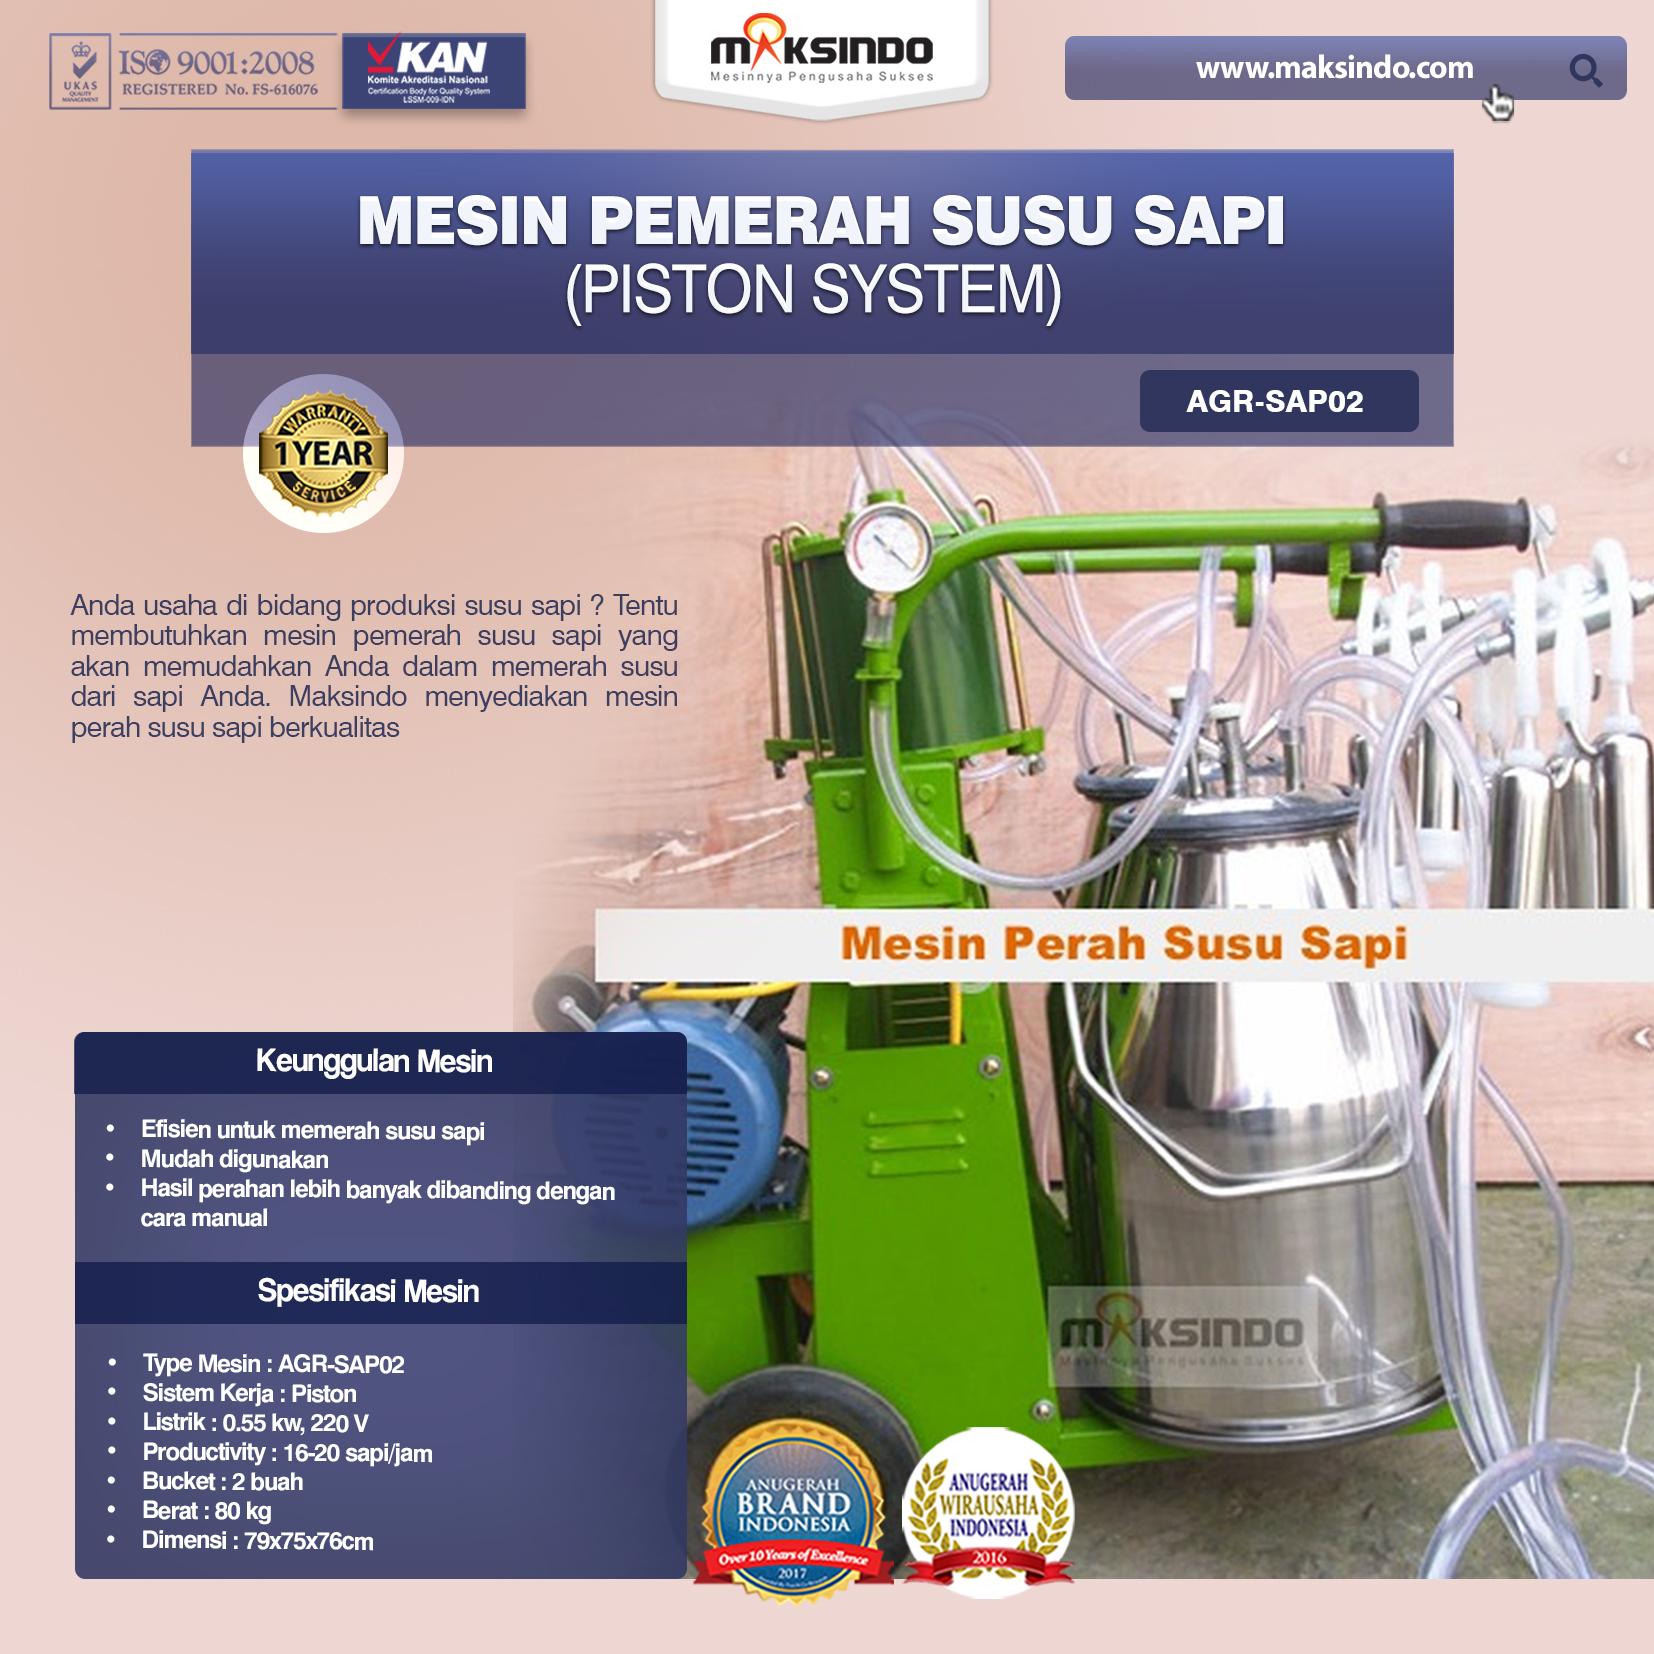 Mesin Pemerah Susu Sapi AGR-SAP02